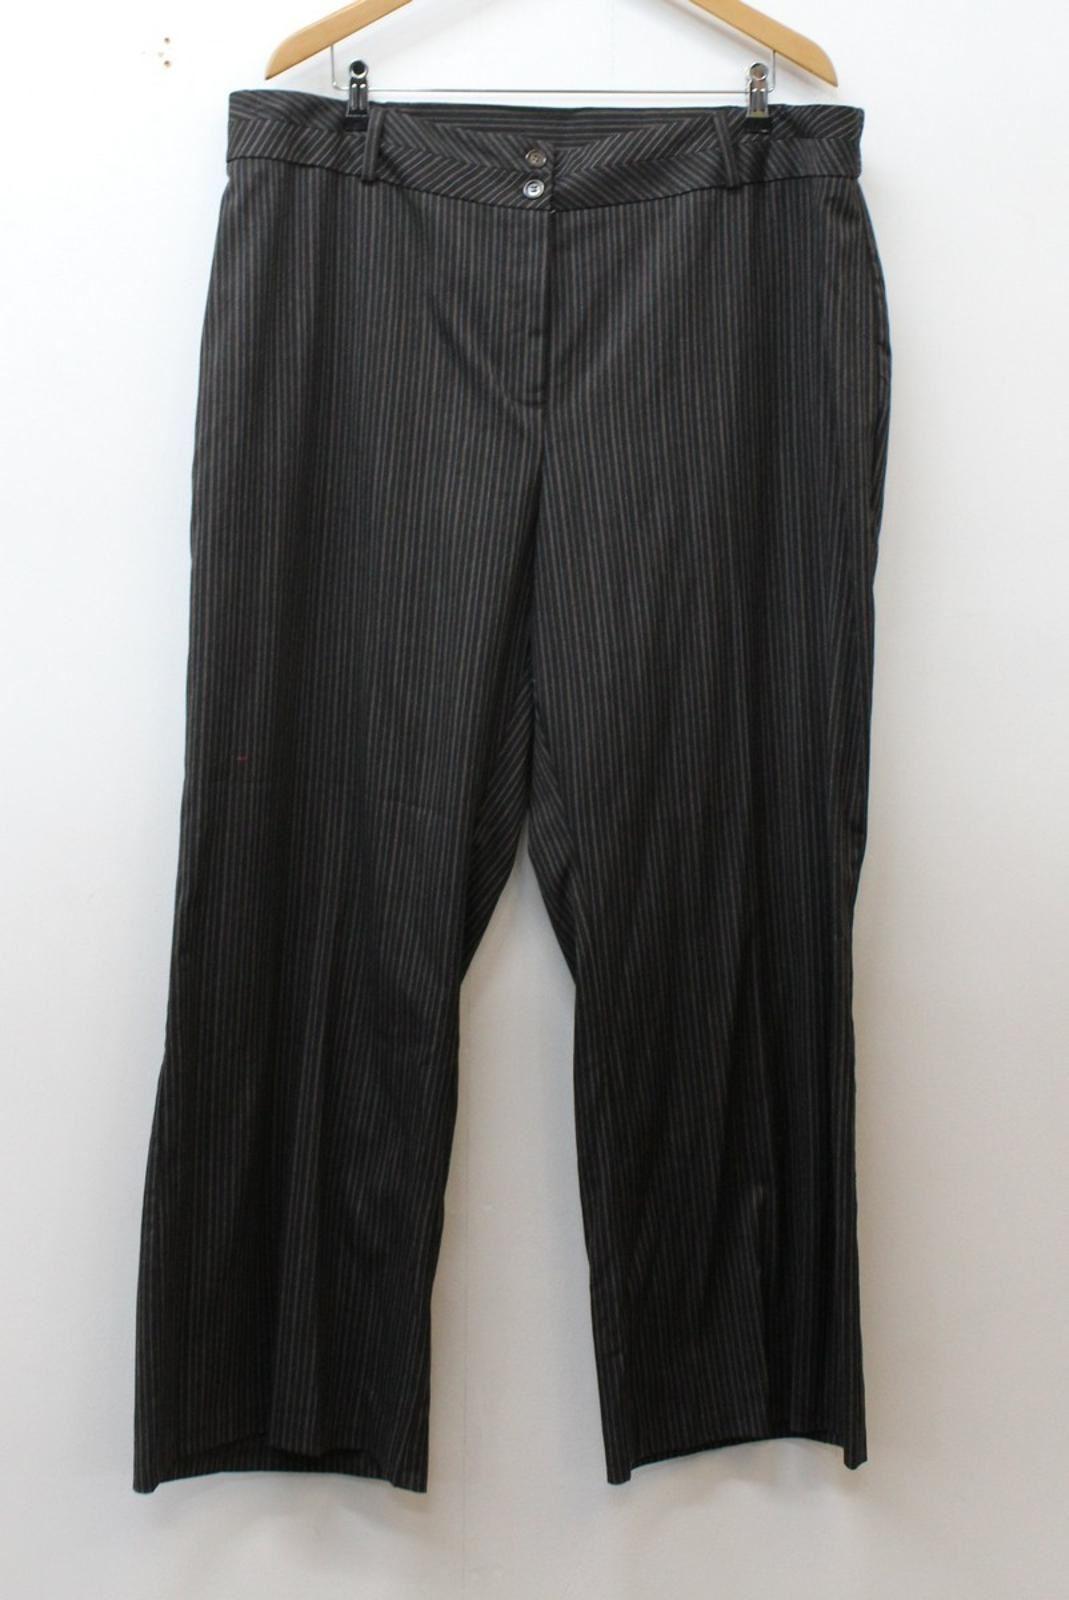 Agenda Femmes Marron Foncé Coupe Large Rayures Tailleur Pantalon W41 L28 Bnwt